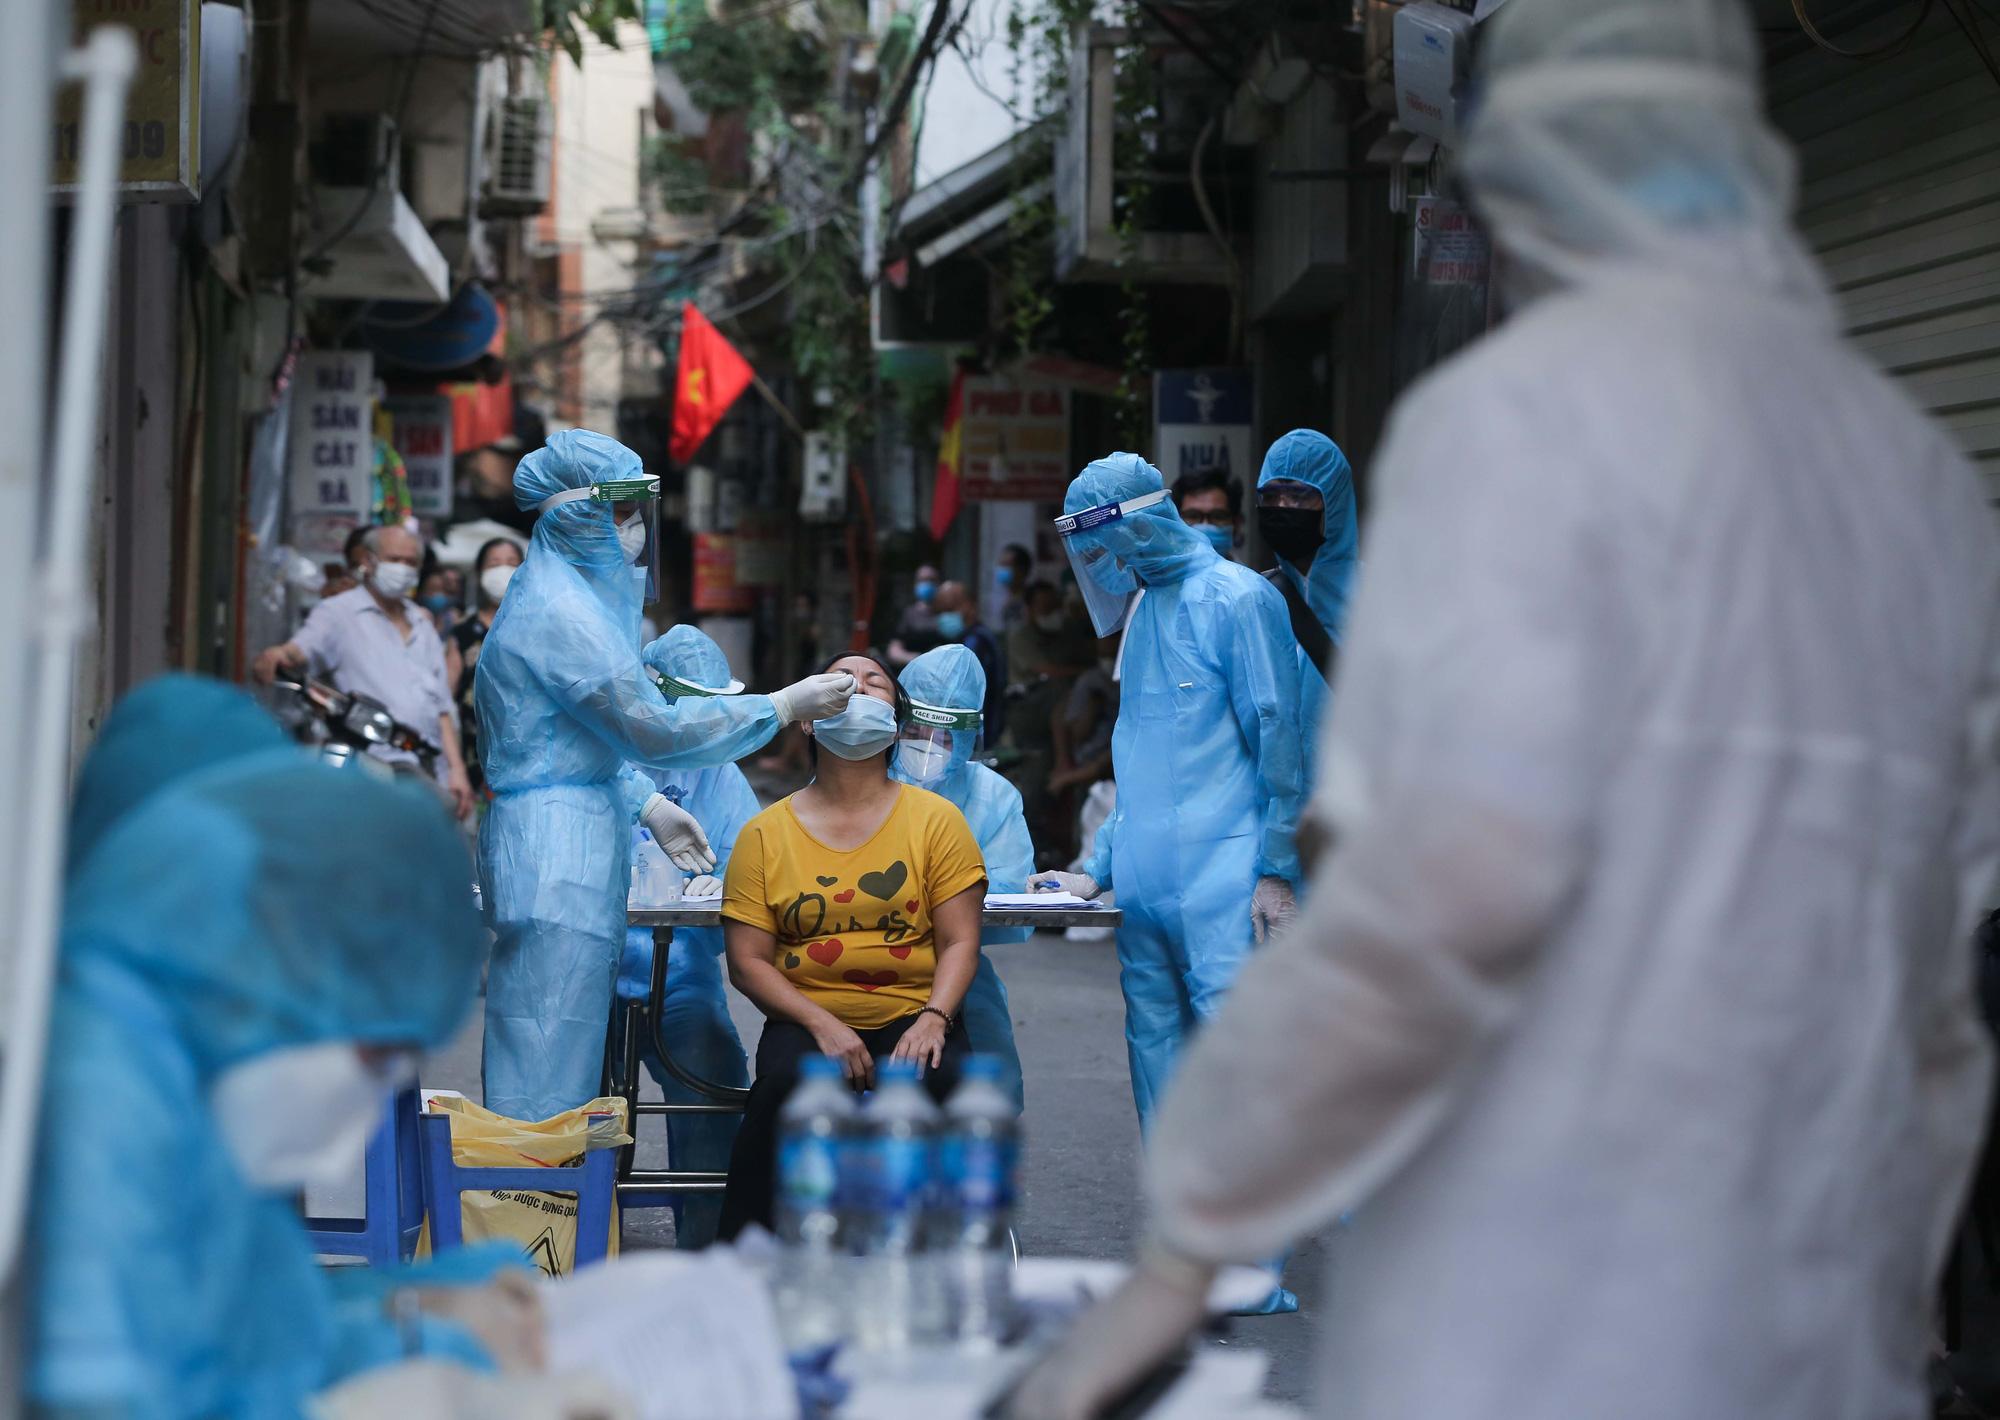 Sáng 16/9: Hà Nội và TPHCM điều chỉnh một số hoạt động kinh doanh và biện pháp phòng dịch